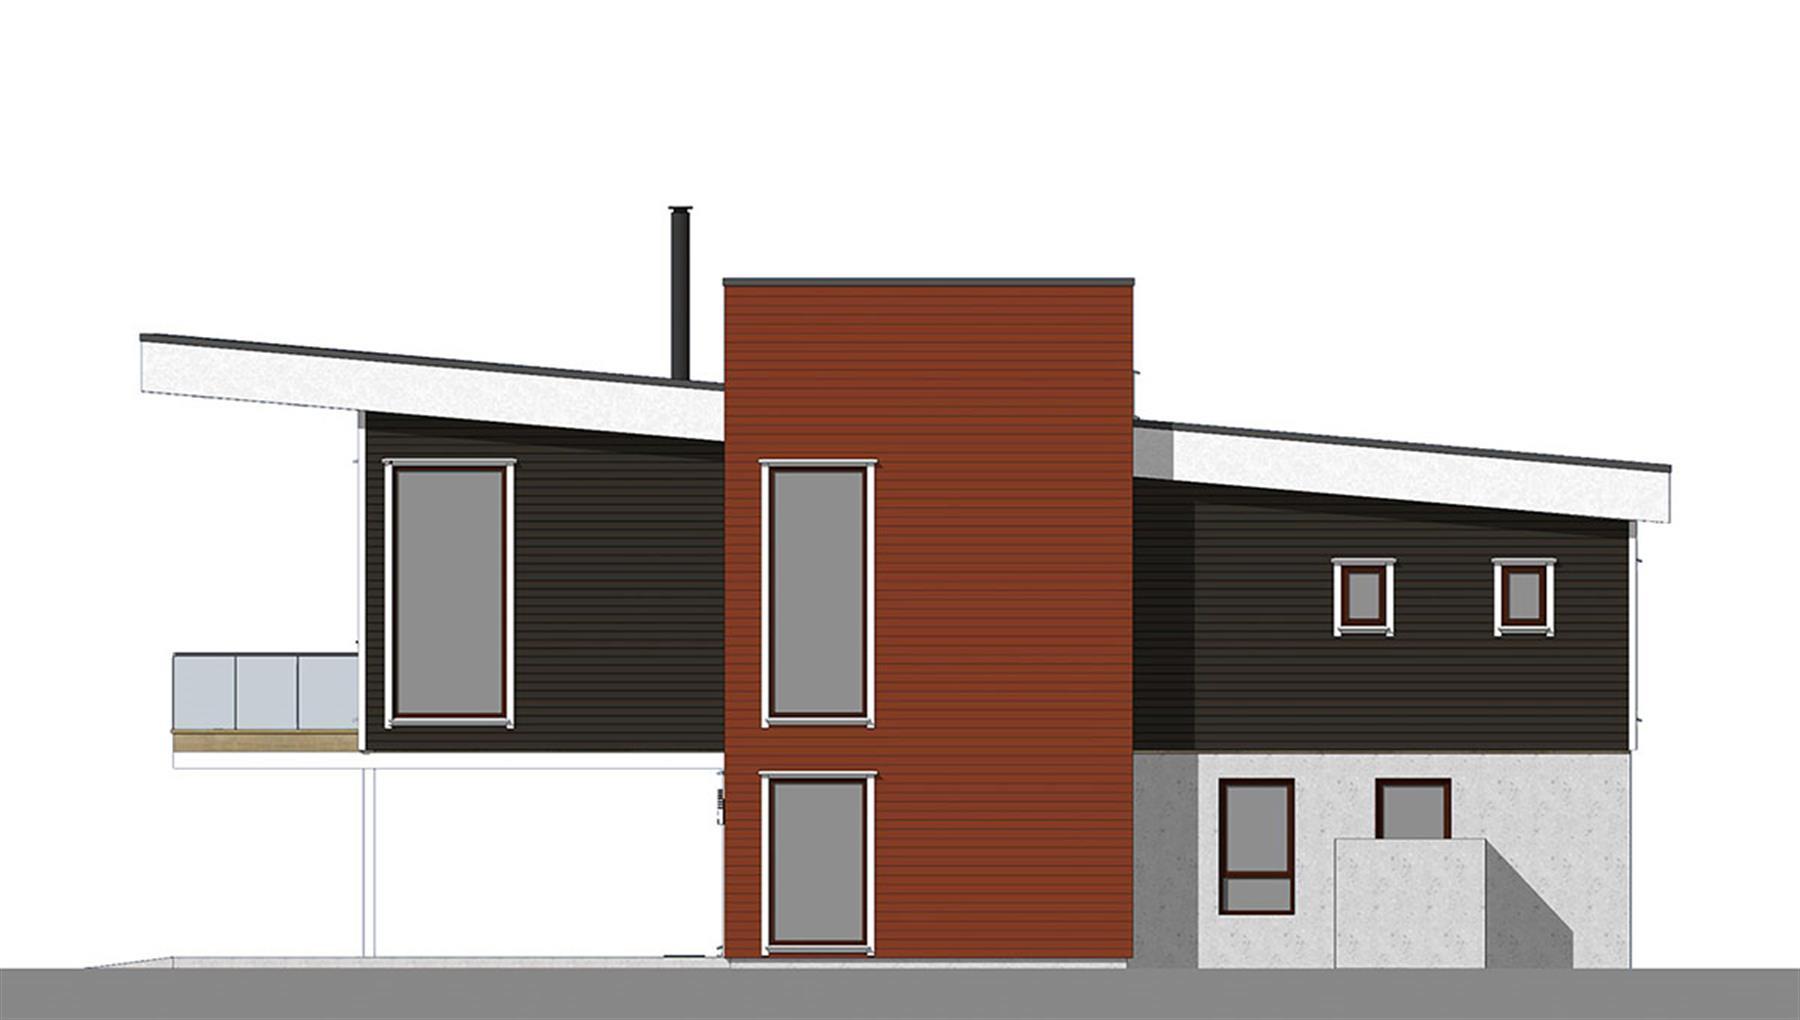 Aspøy fasade 2